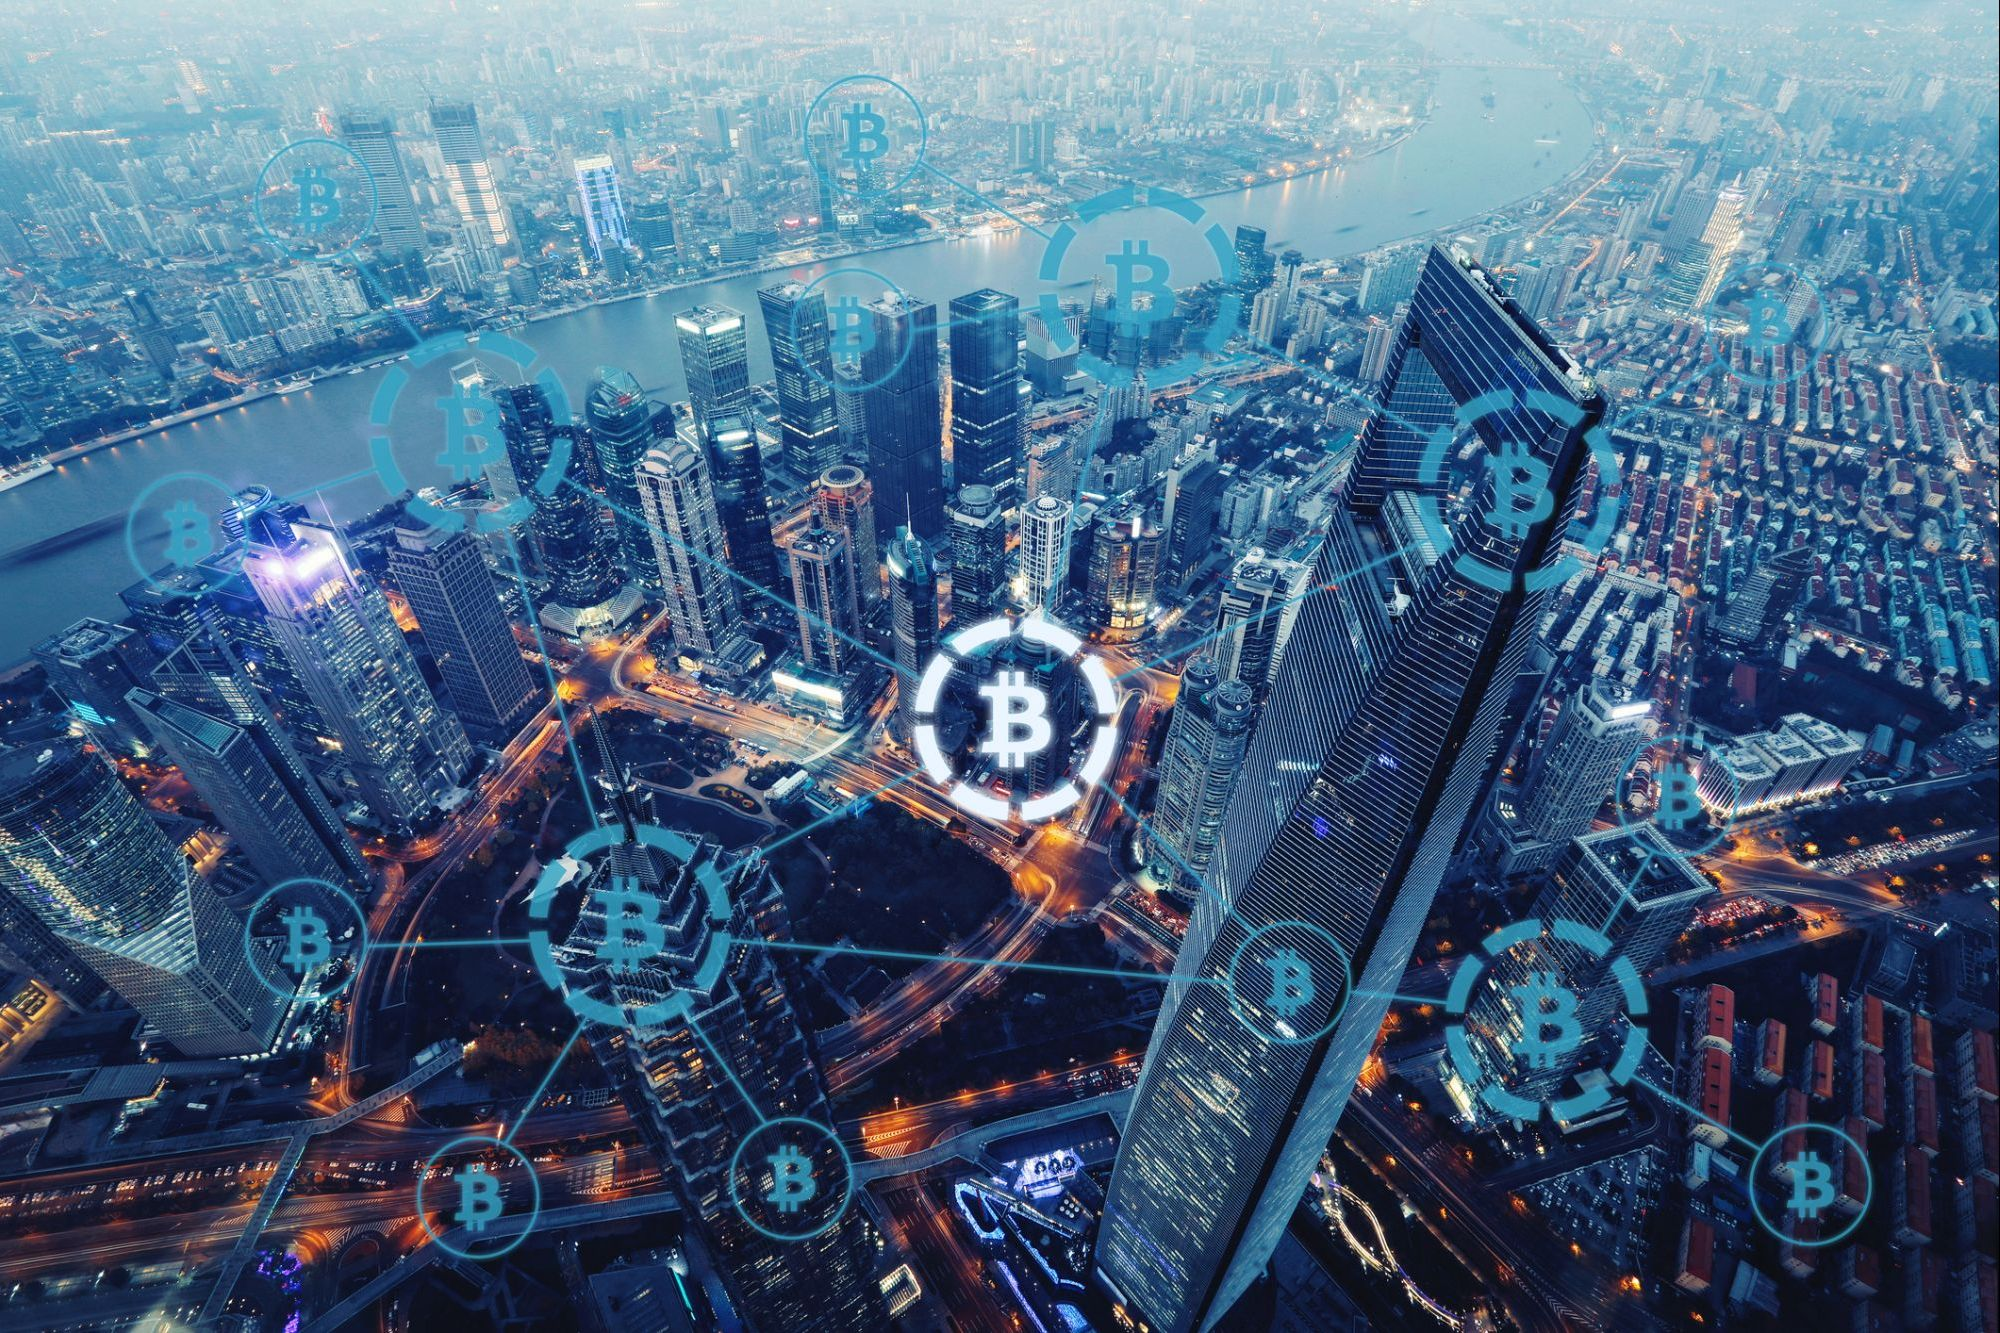 porque comprar bitcoin ¿qué es bitcoin y por qué debería invertir?